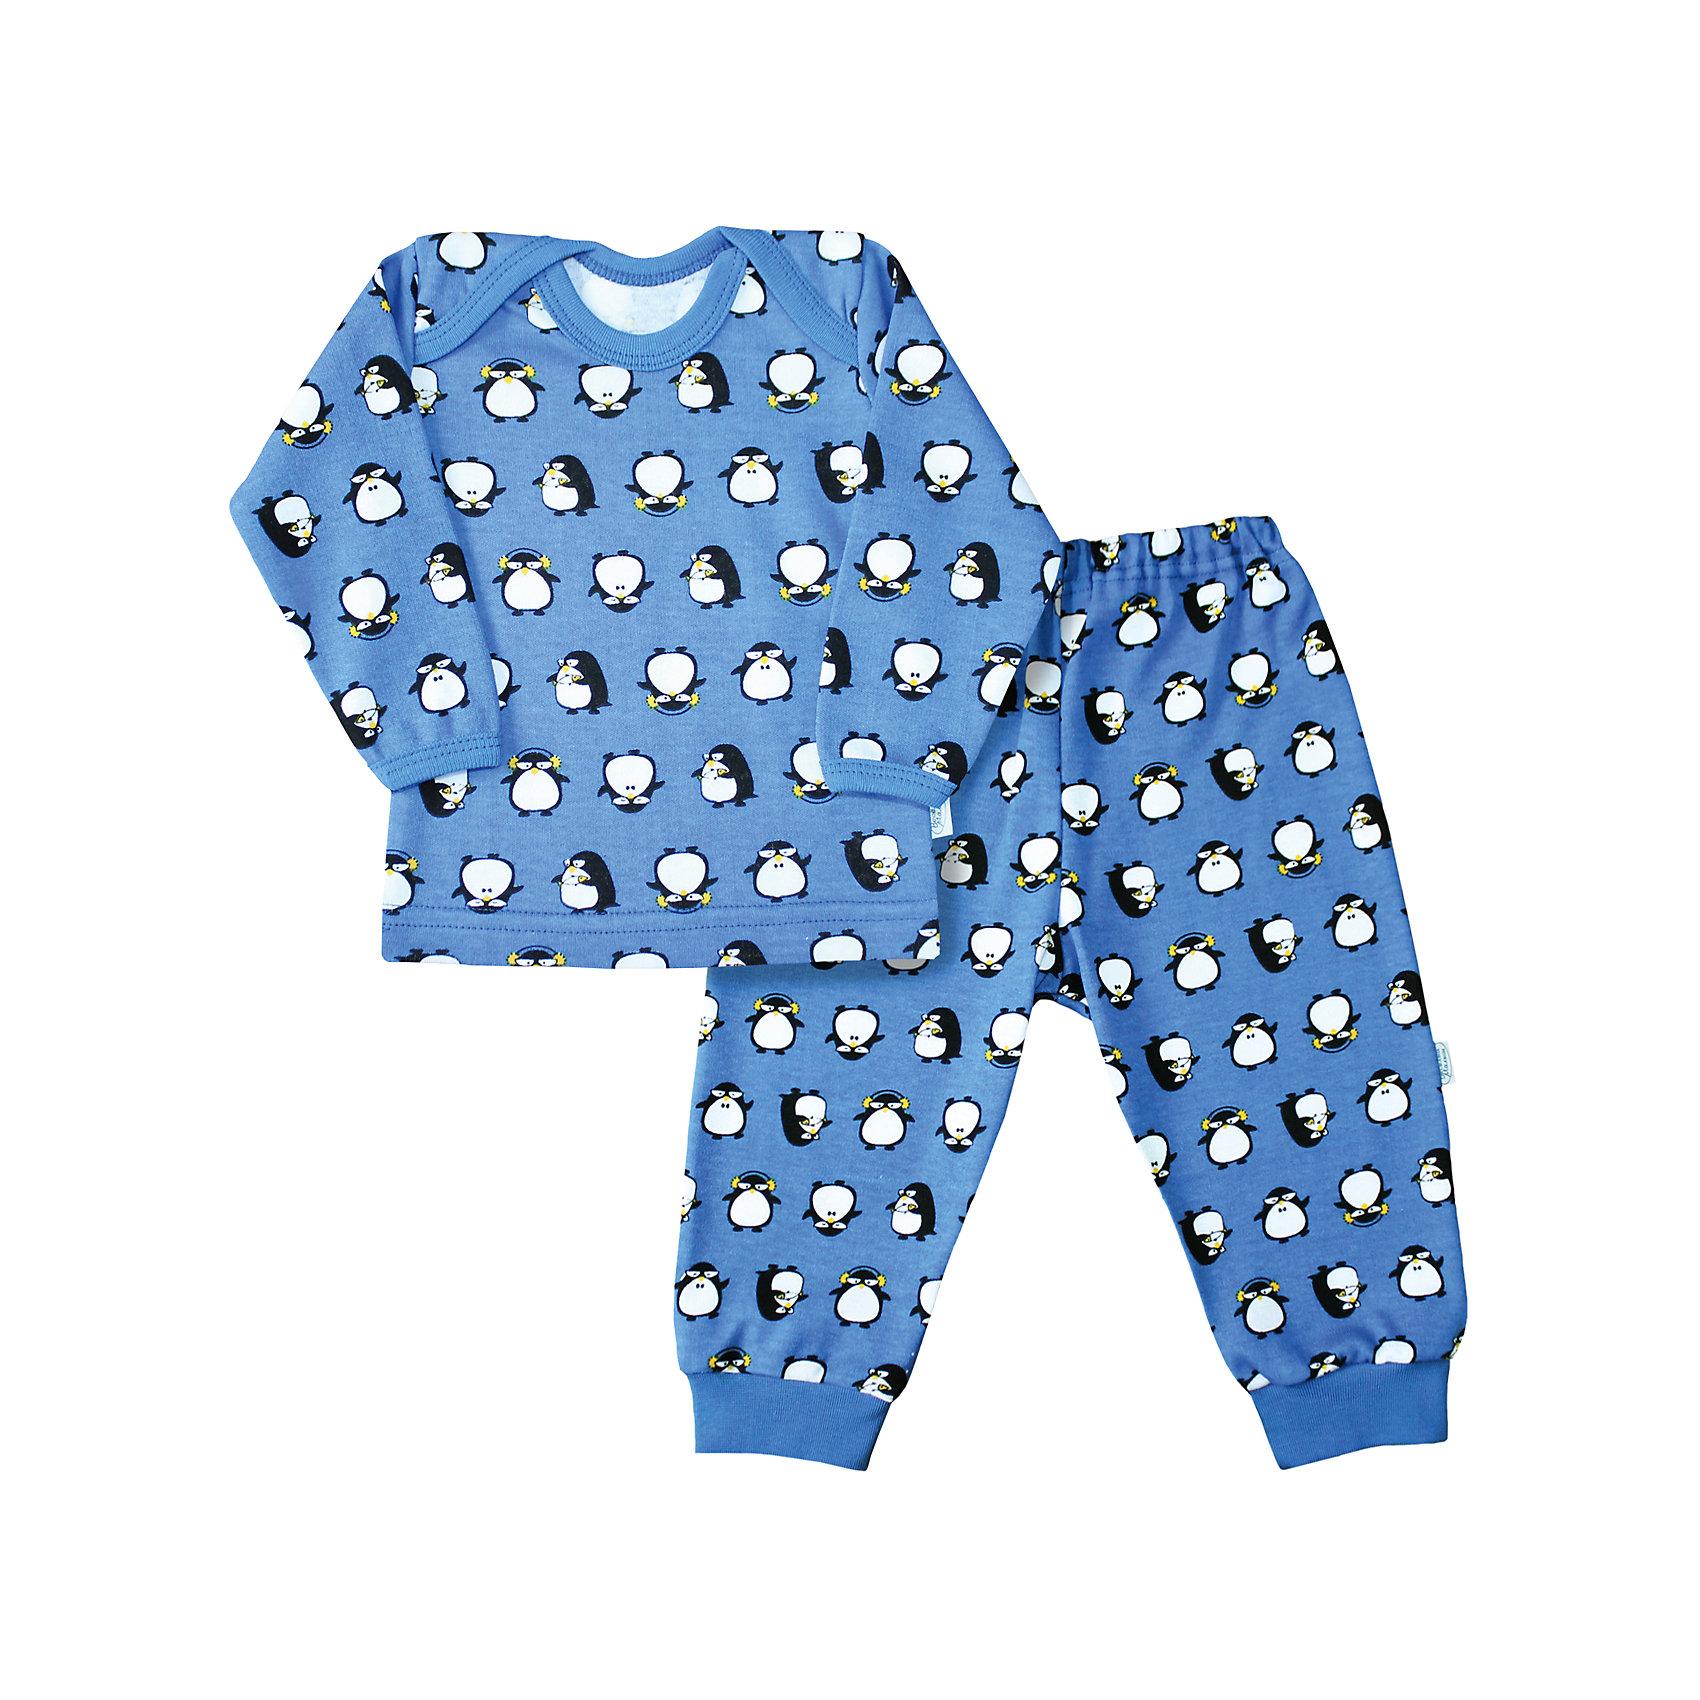 Пижама для мальчика Веселый малышПижамы и сорочки<br>Пижама из интерлока (пенье).<br>Состав:<br>100% Хлопок<br><br>Ширина мм: 196<br>Глубина мм: 10<br>Высота мм: 154<br>Вес г: 152<br>Цвет: голубой<br>Возраст от месяцев: 3<br>Возраст до месяцев: 6<br>Пол: Мужской<br>Возраст: Детский<br>Размер: 68<br>SKU: 5064282